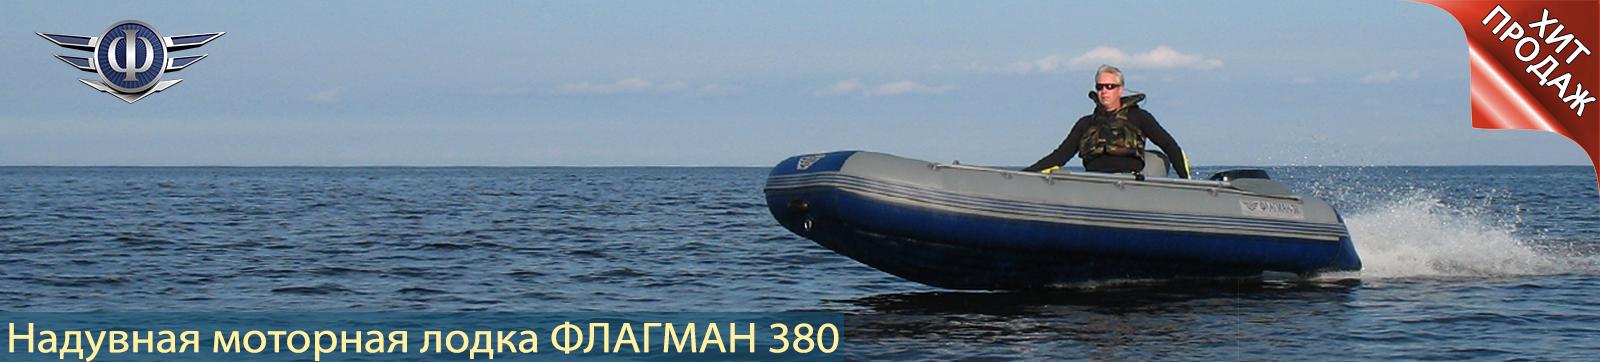 http://flagman-spb.ru/?page_id=1273